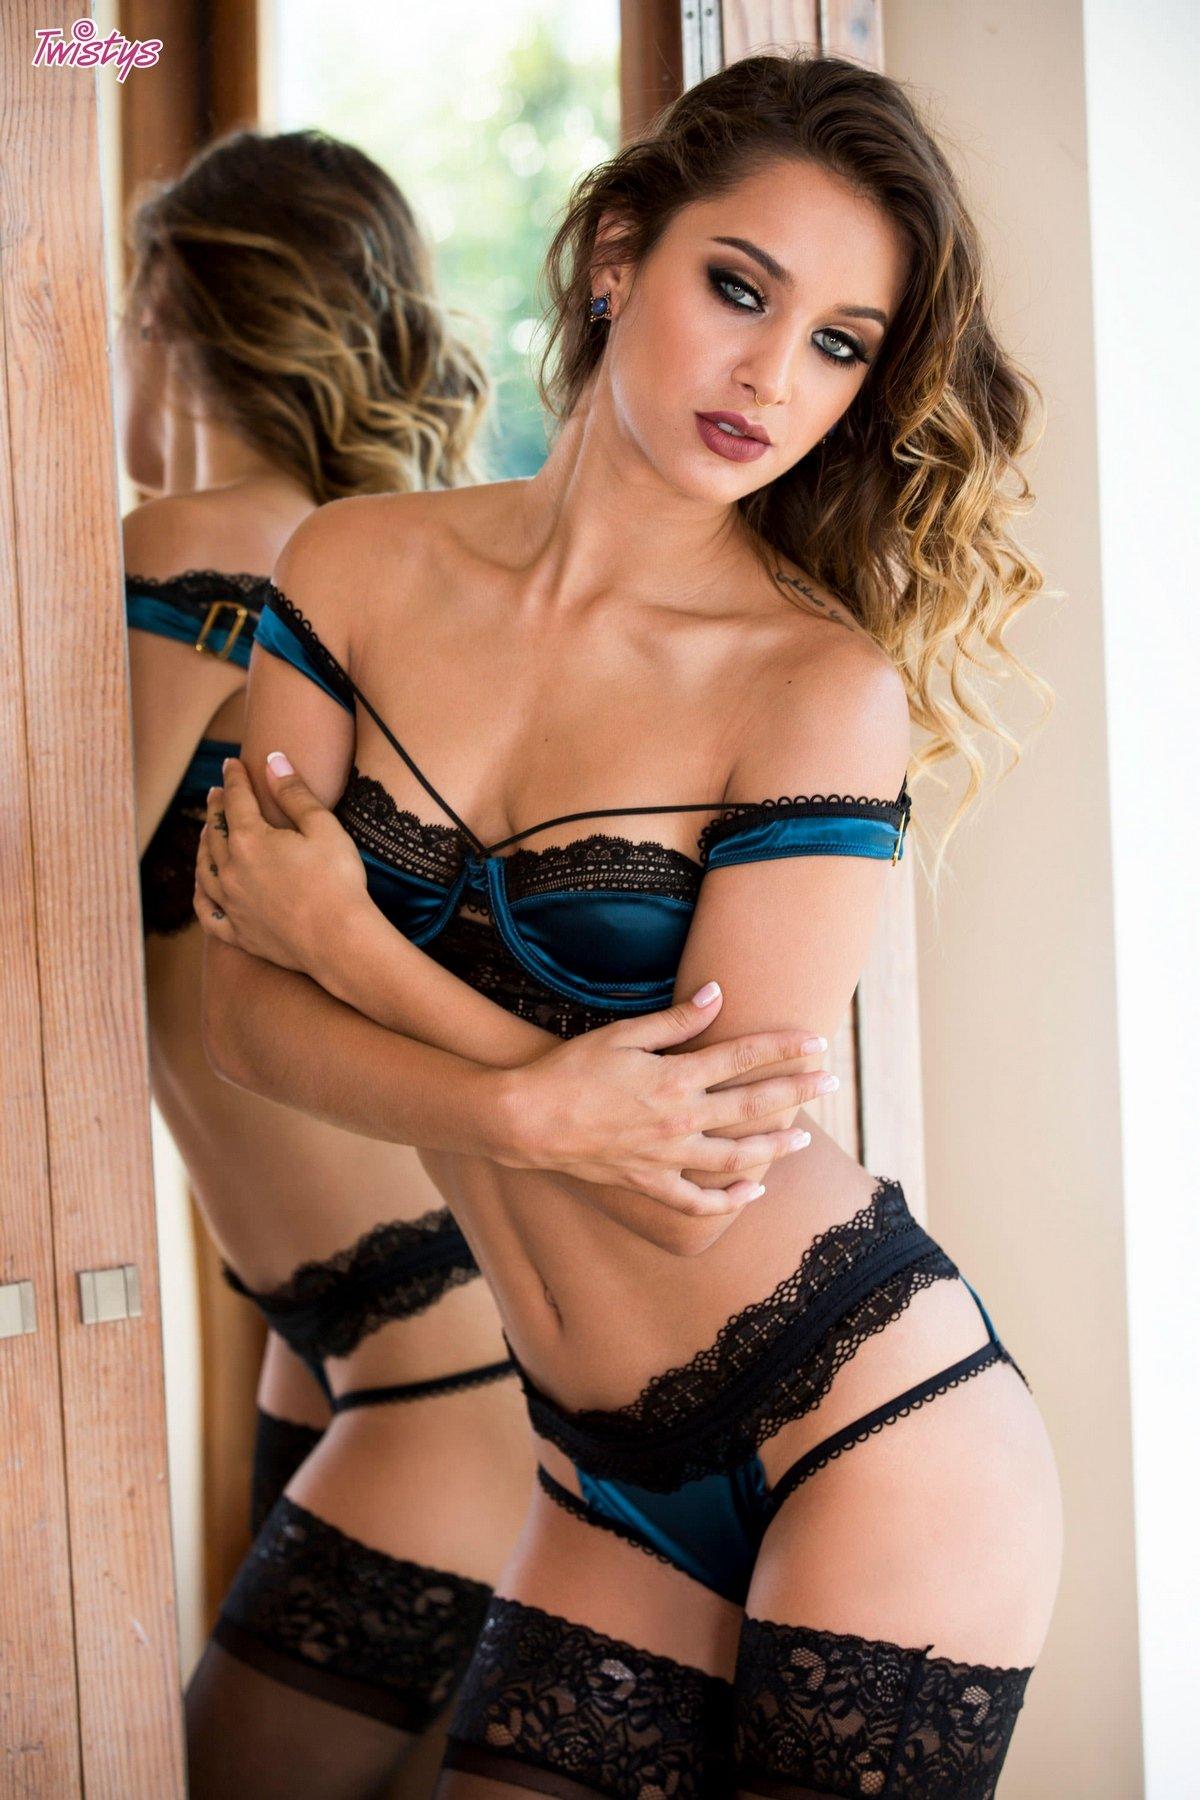 Сексуальная модель в шикарном белье и чулочках стоит перед зеркалом